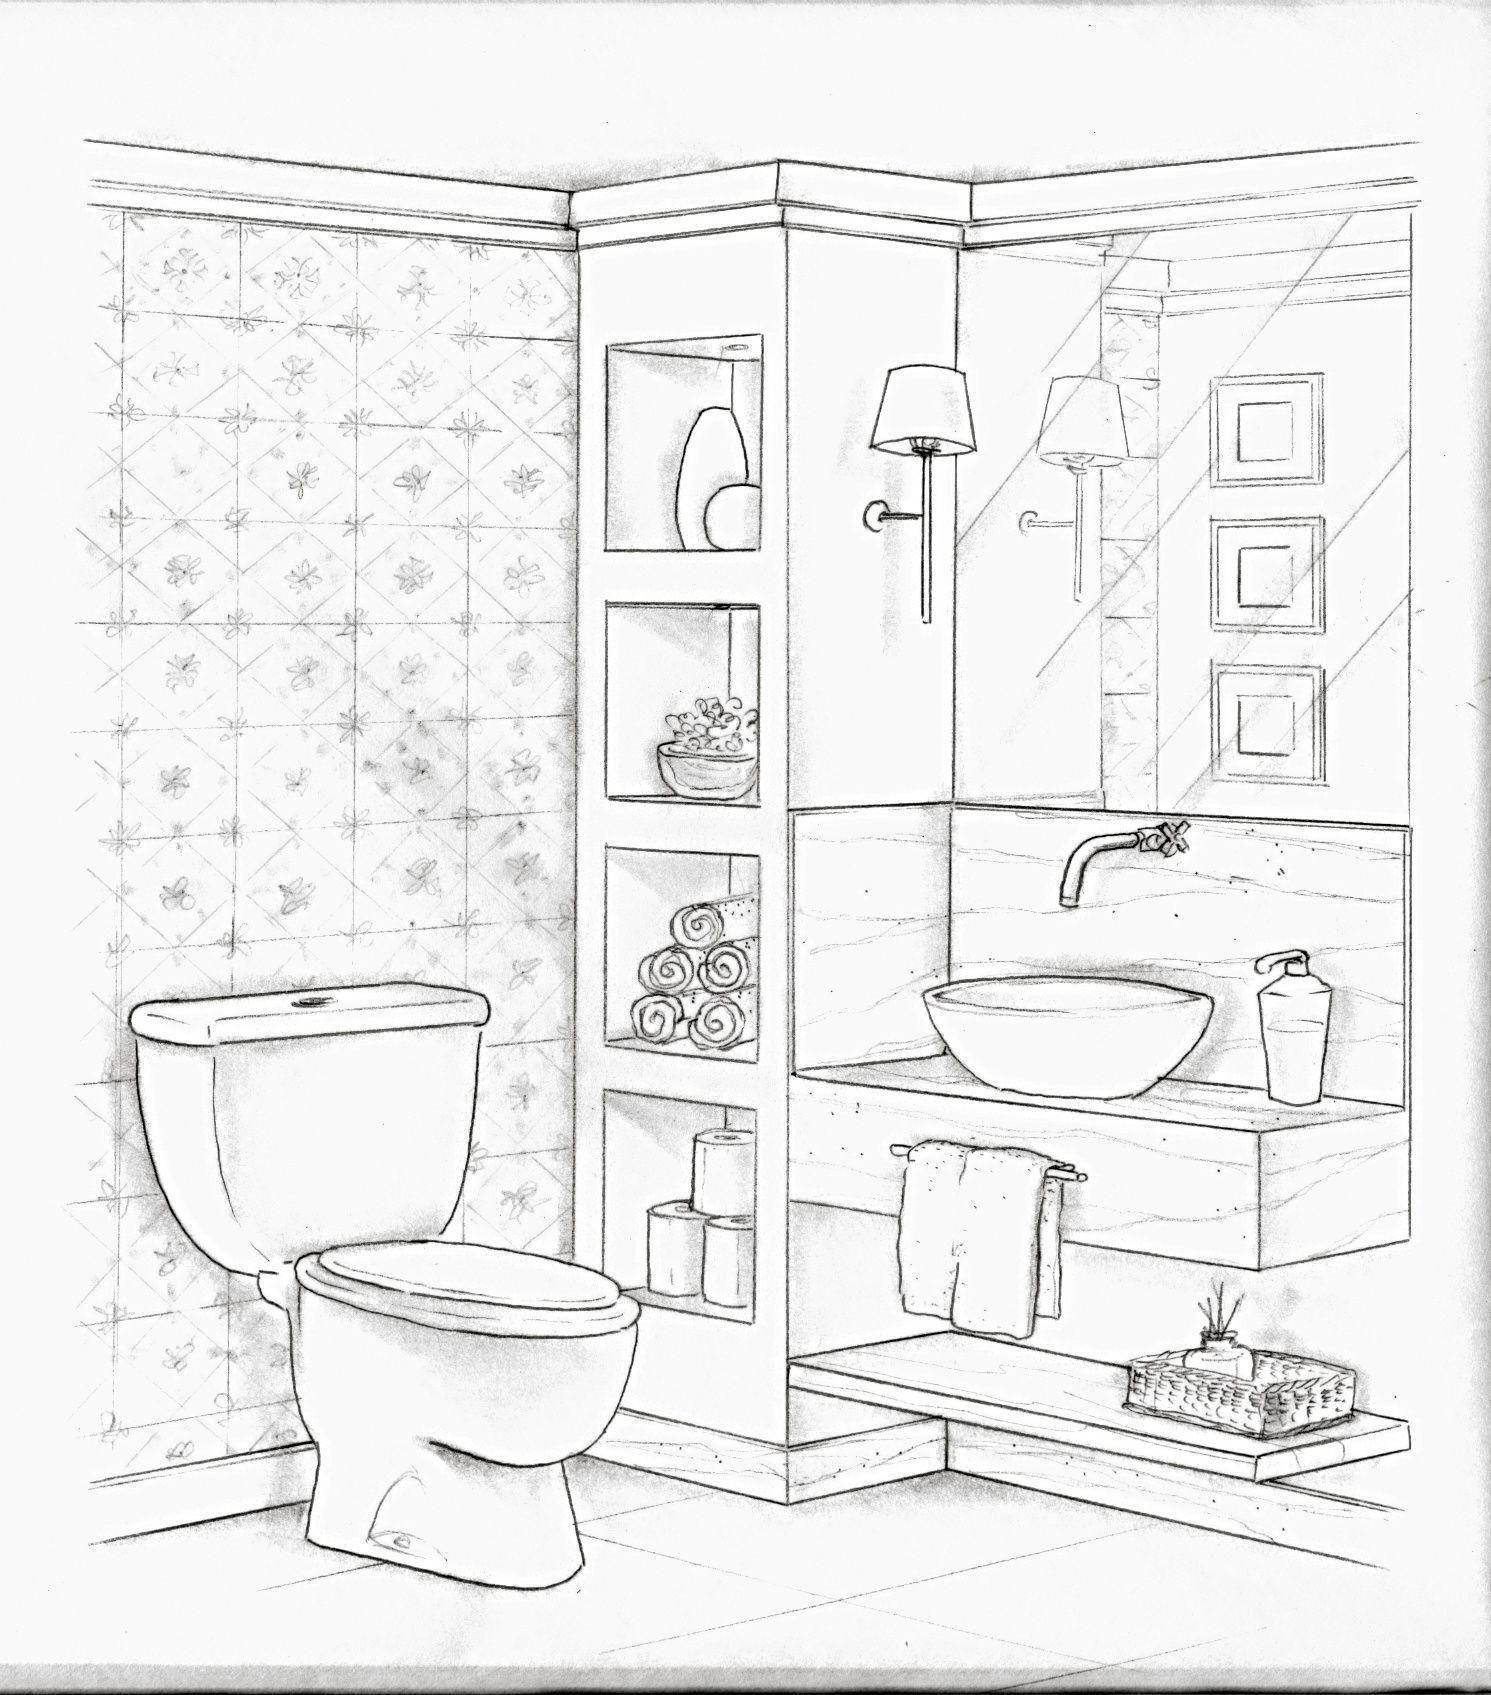 Interior Design Sketches Bathroom